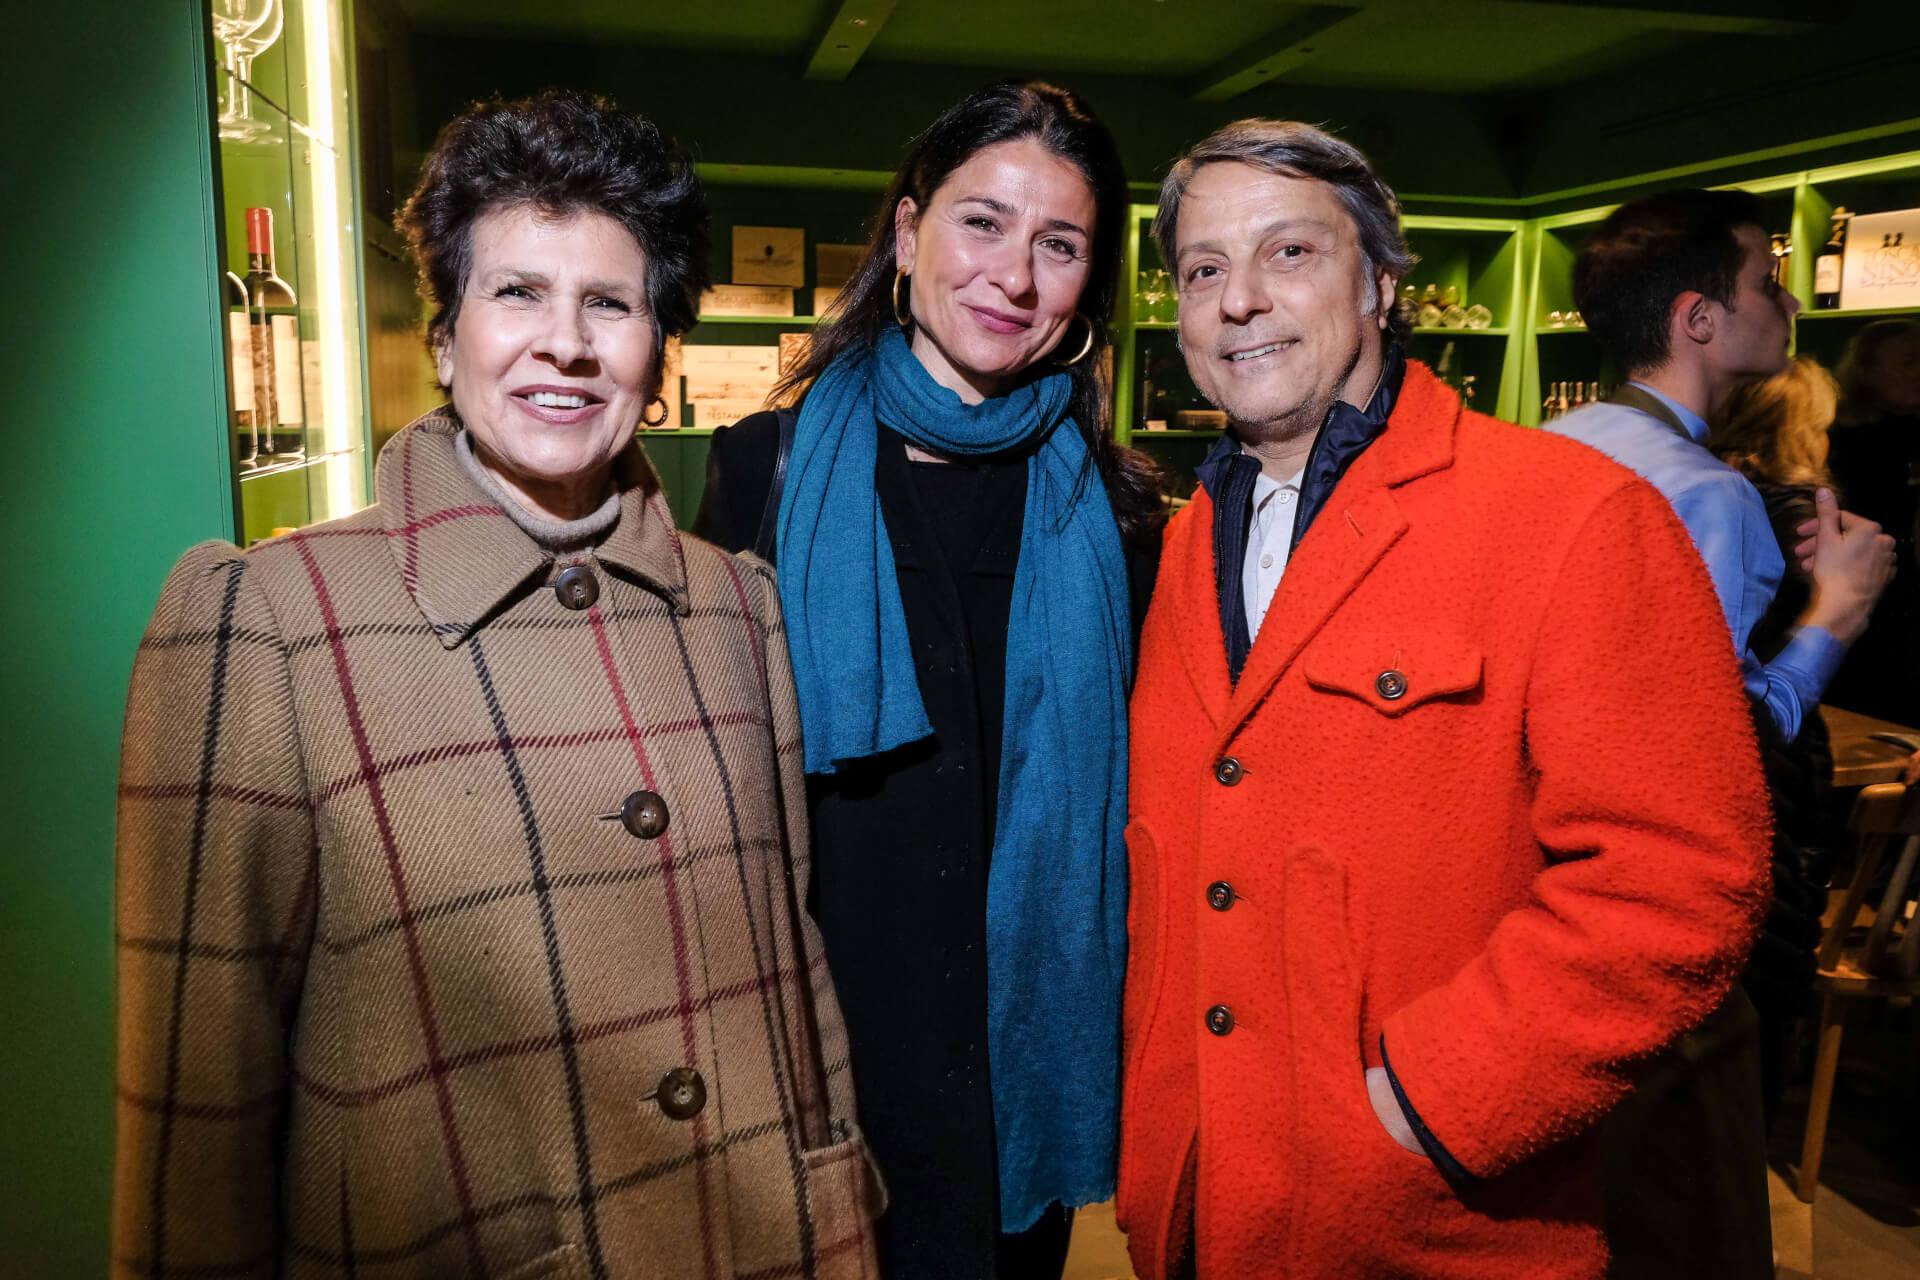 Ninni Frugis, Rossella and Lorenzo Barducci